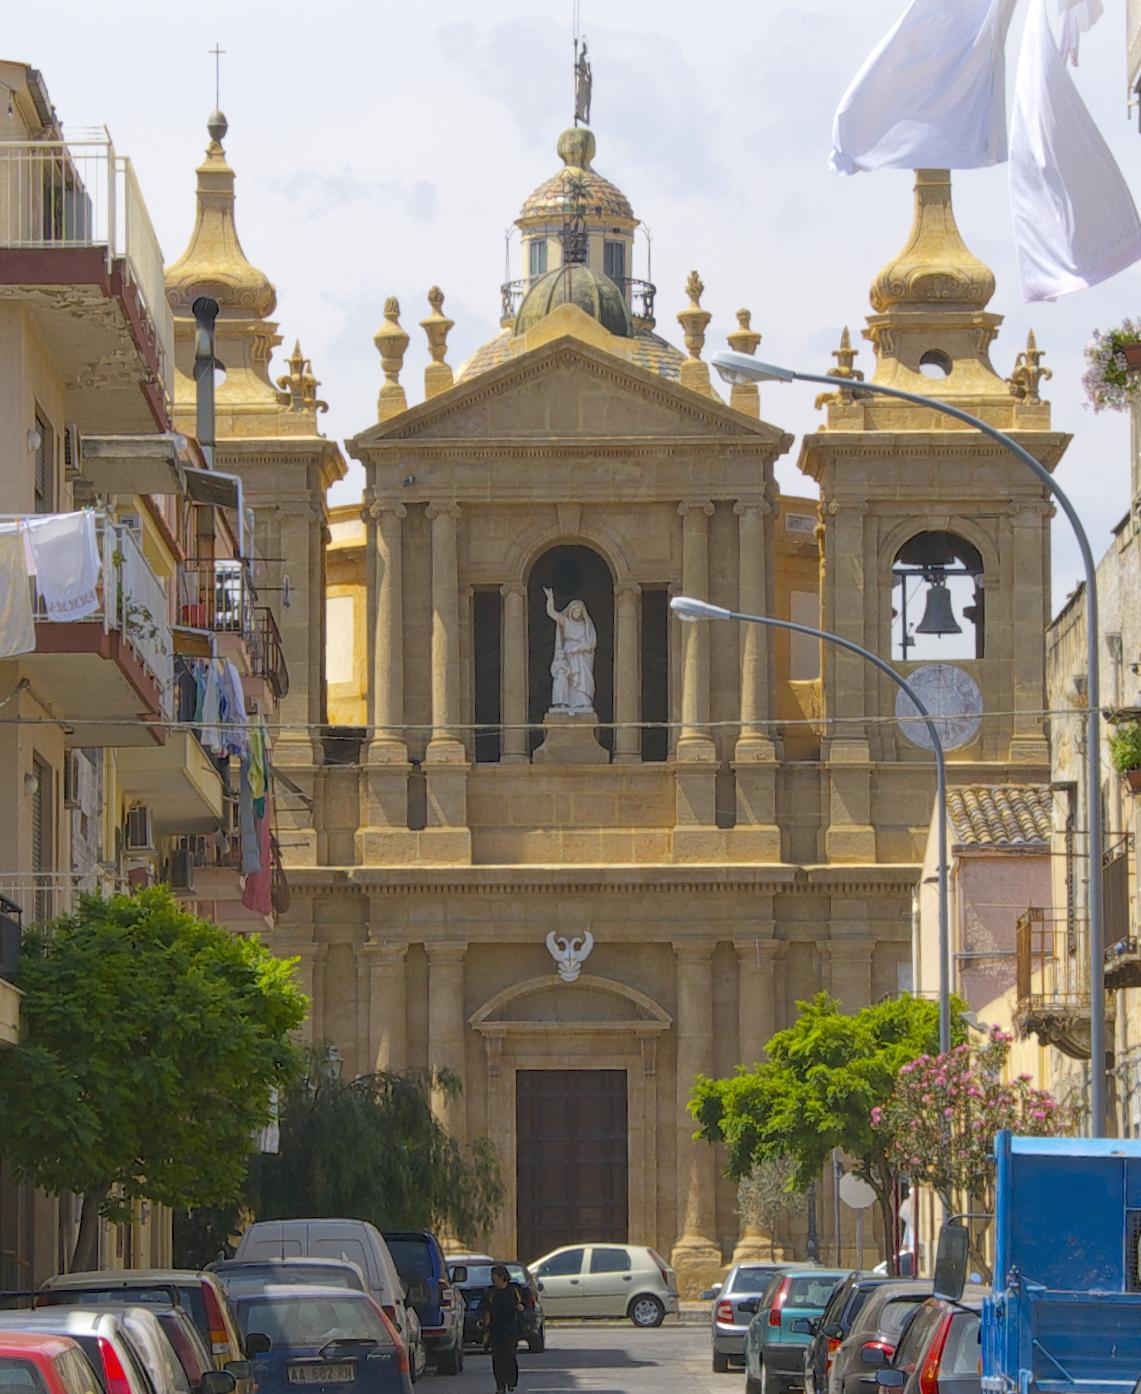 Sicilia - Santa Flavia - Il posto perfetto per le tue vacanze in Sicilia!